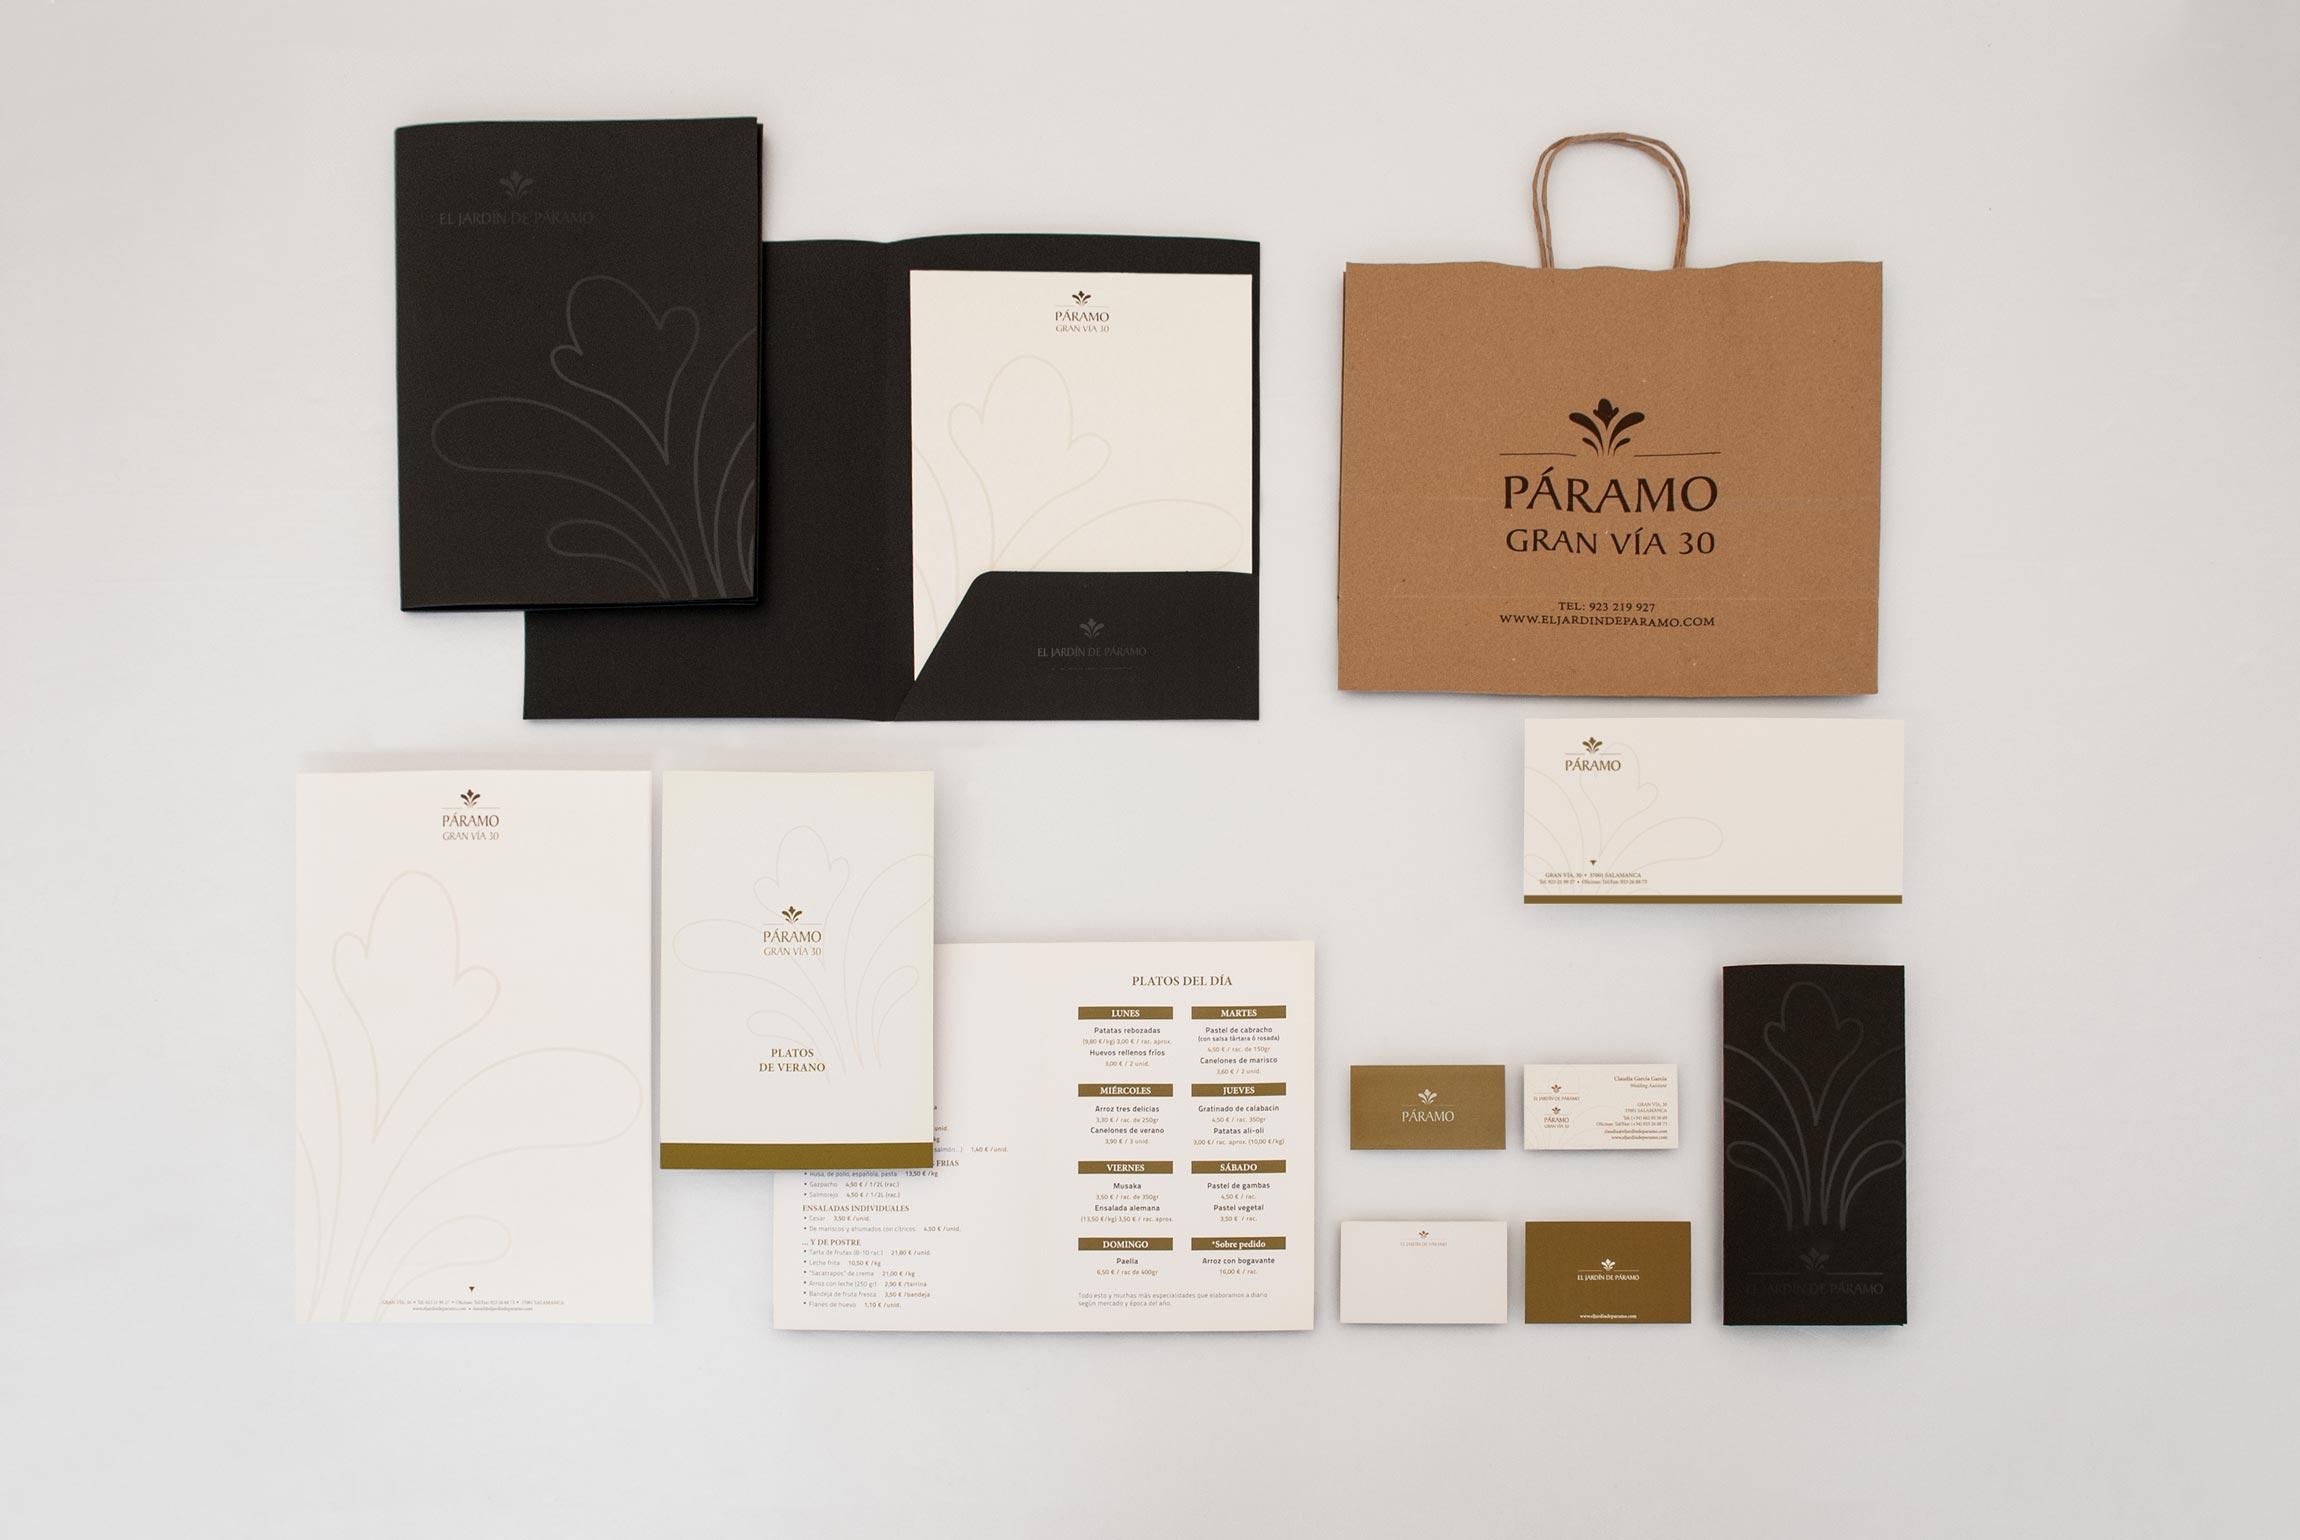 giset design paramo identidad corporativa